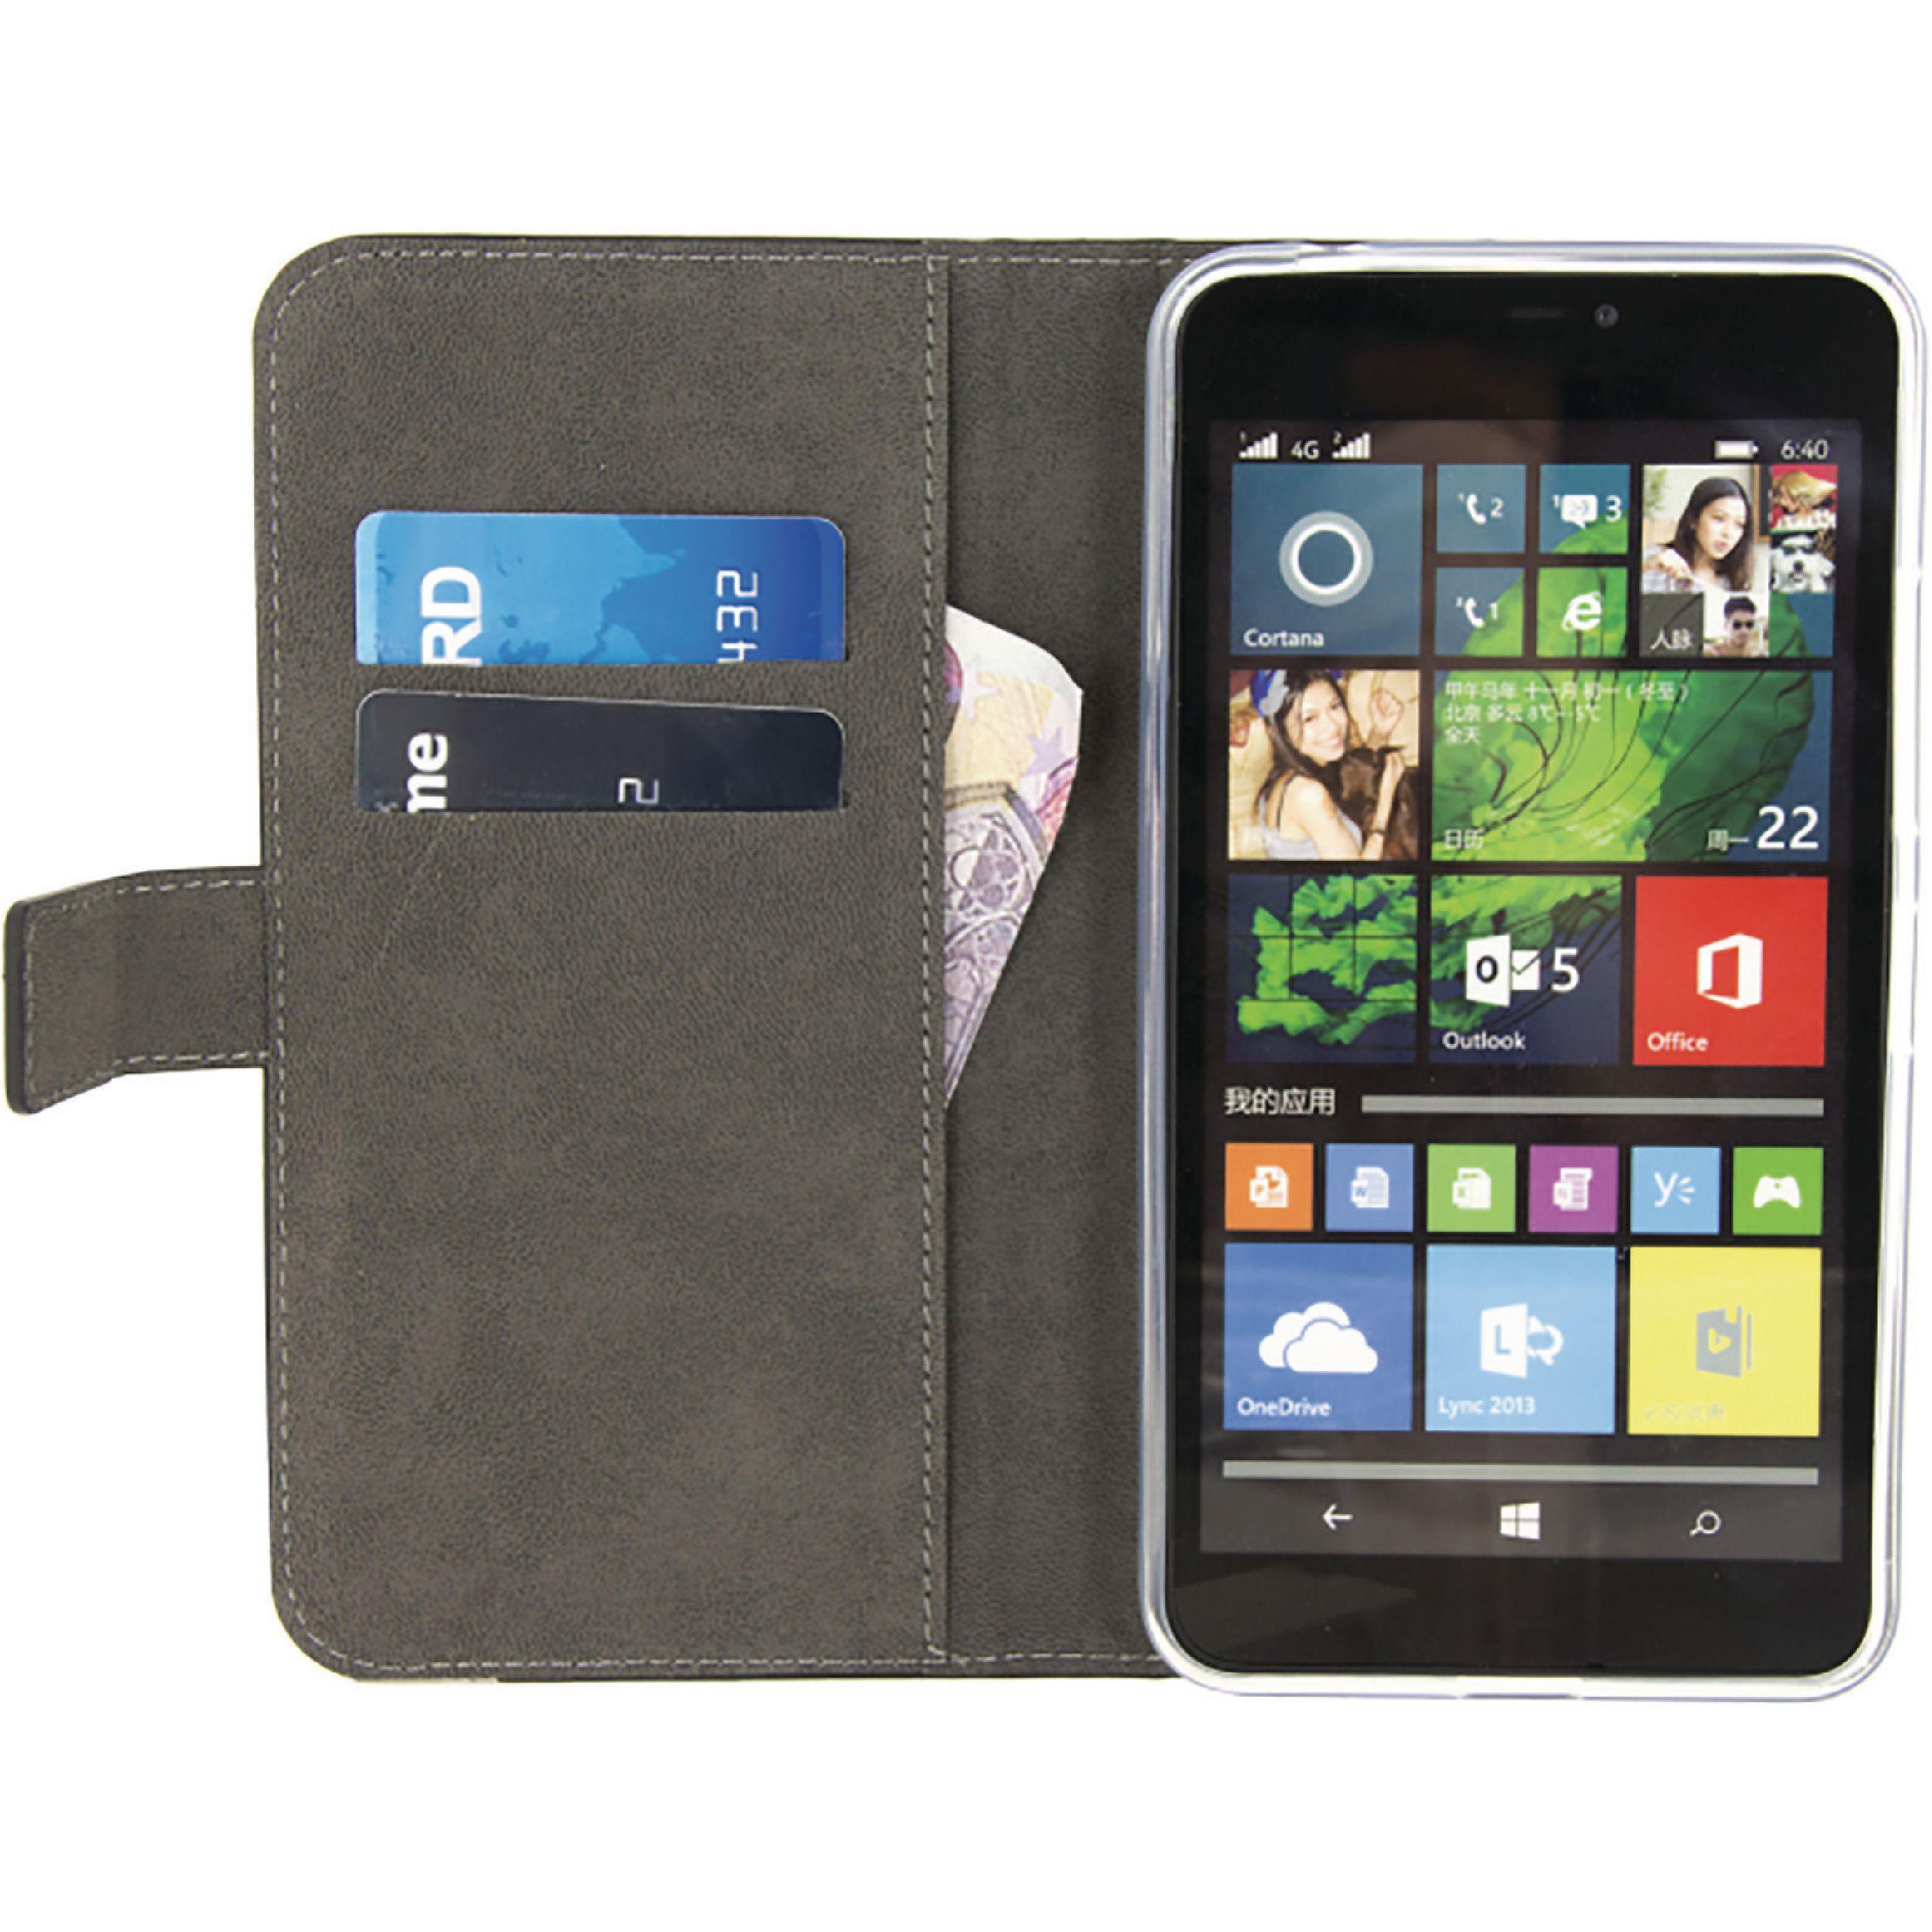 Mobilize peněženkové gelové pouzdro pro Microsoft Lumia 640 XL černé